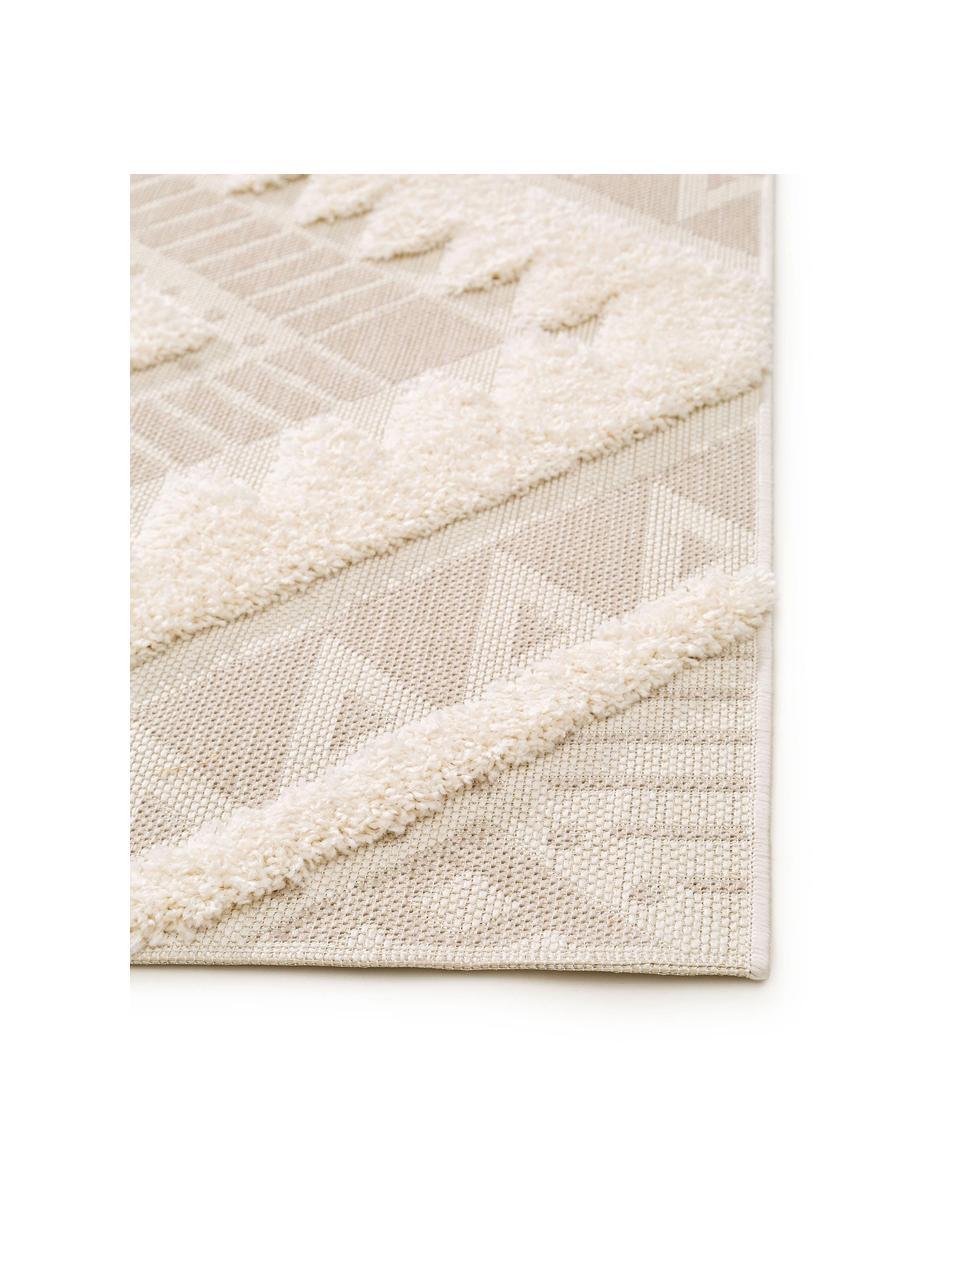 Tapis d'extérieur en laine crème ethnique à surface texturée Kim, Beige, crème